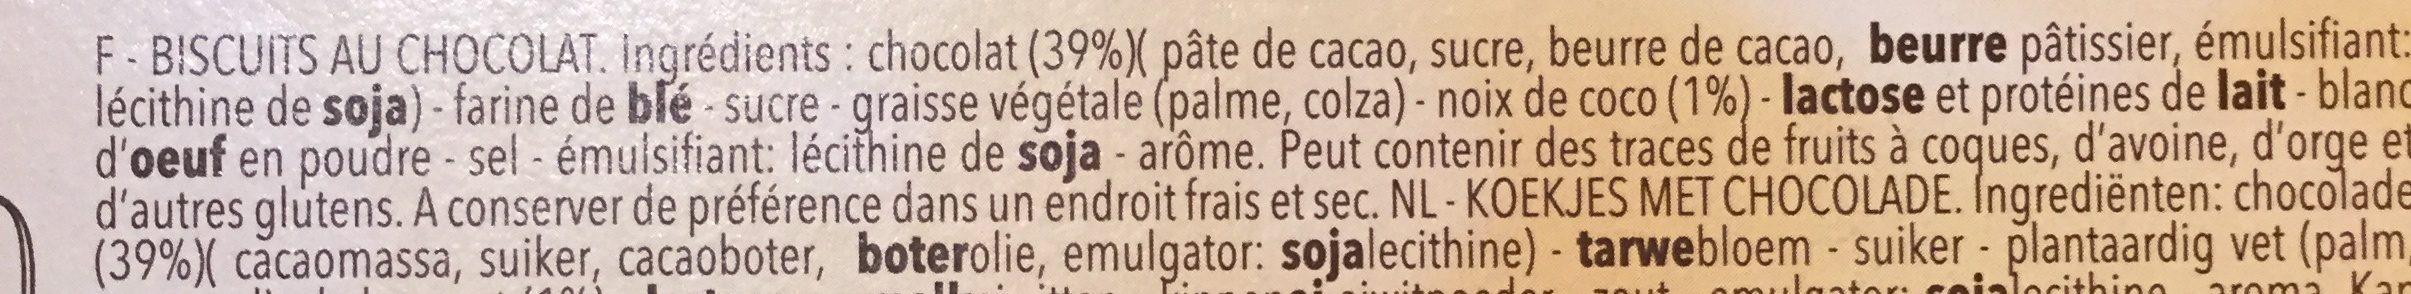 Biarritz - Ingrediënten